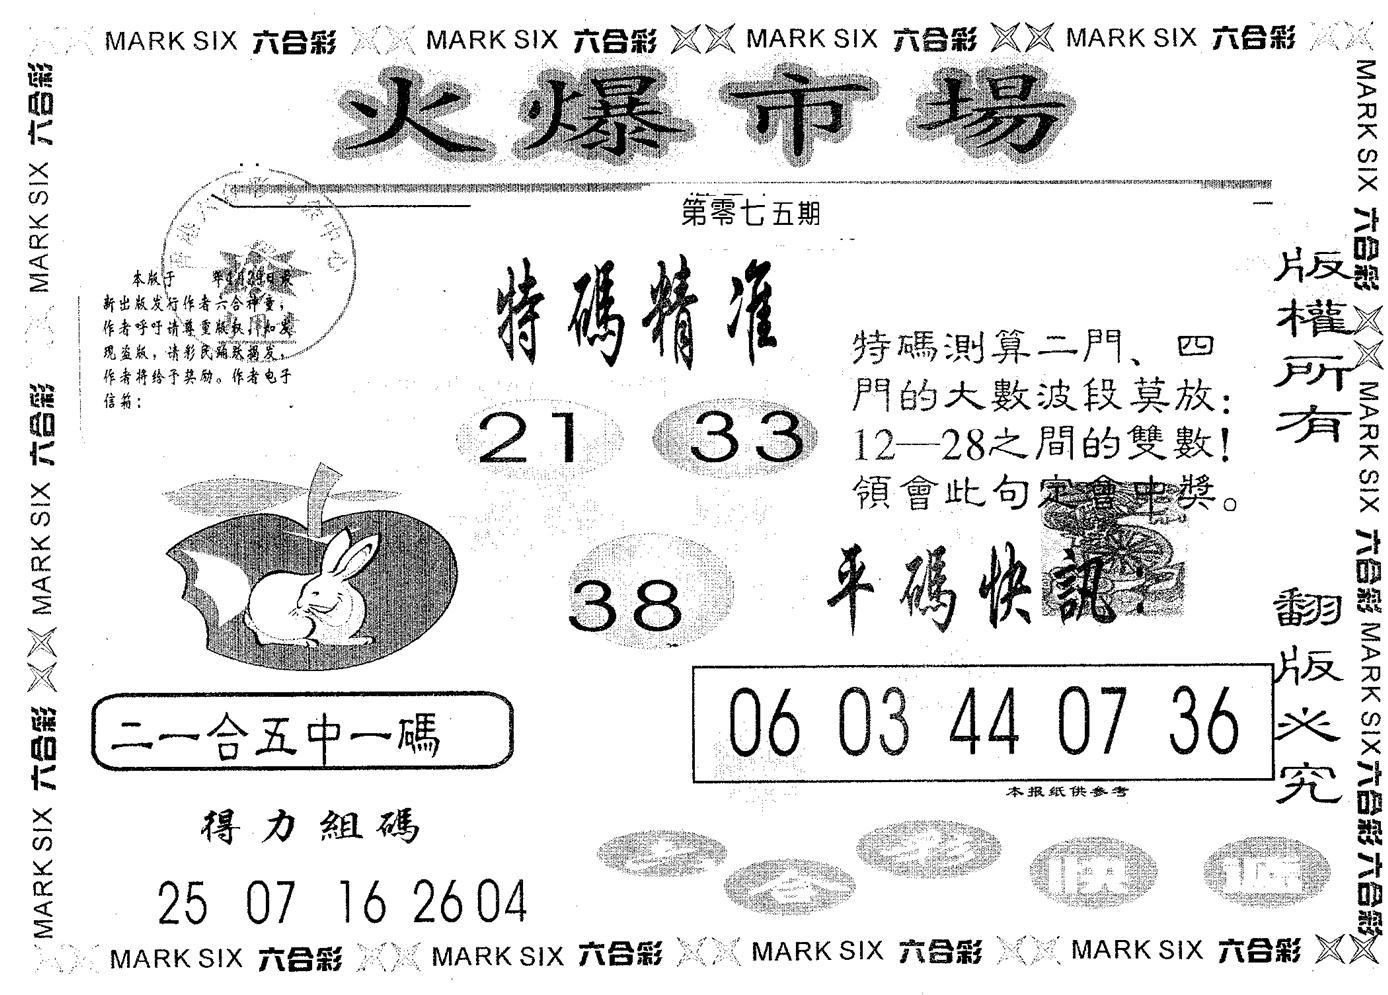 075期火爆市场(黑白)